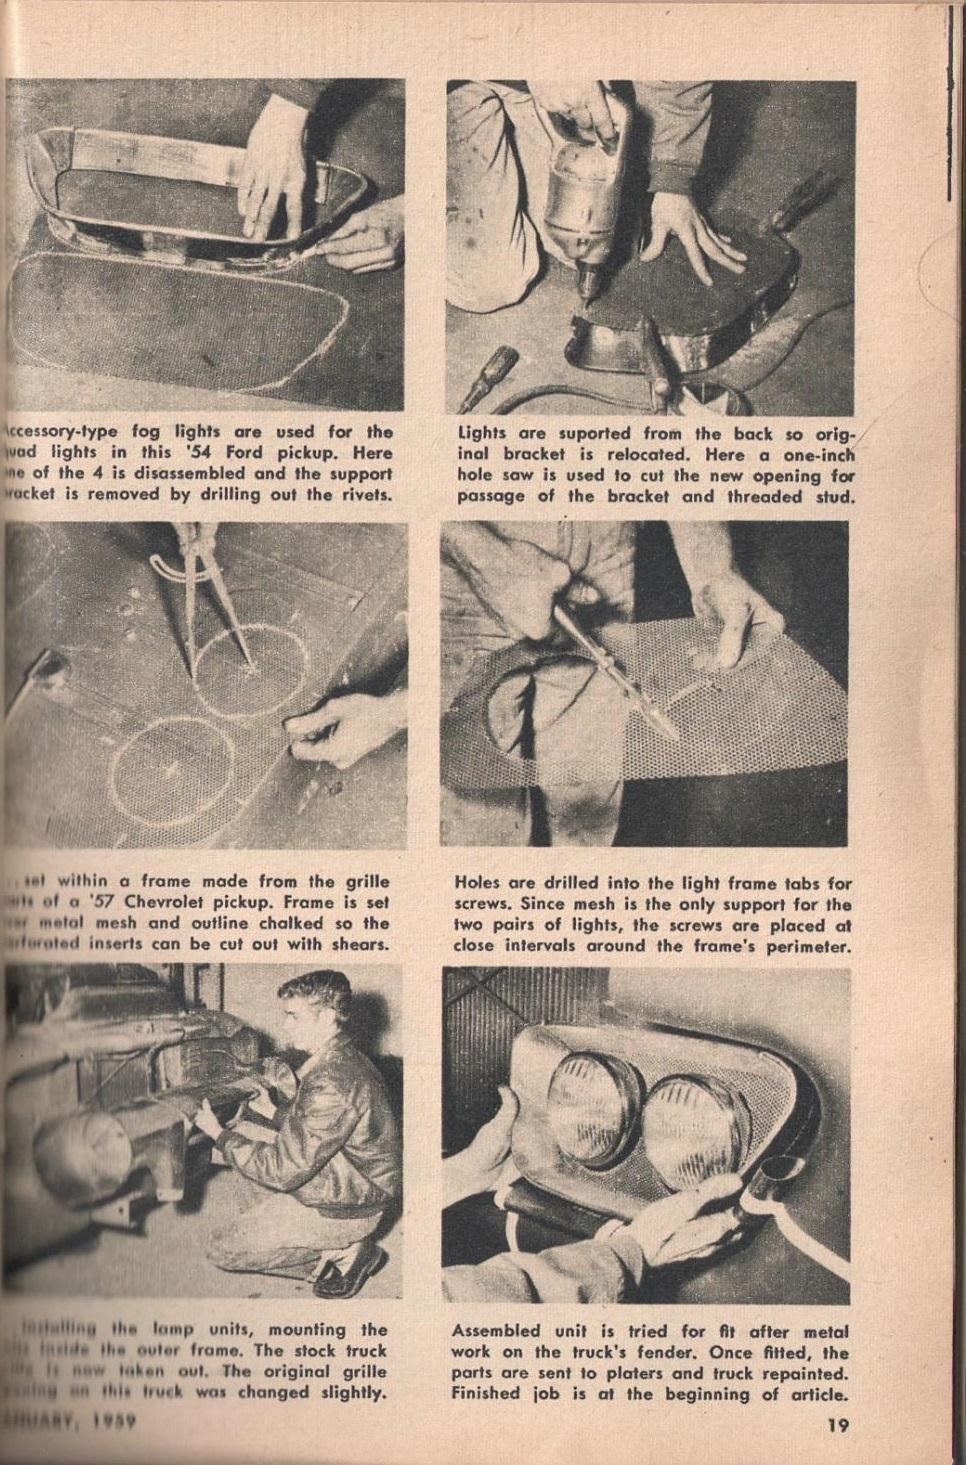 Rod et Custom - January 1959 - Tricks for Trucks - new ideas for pick up 1920